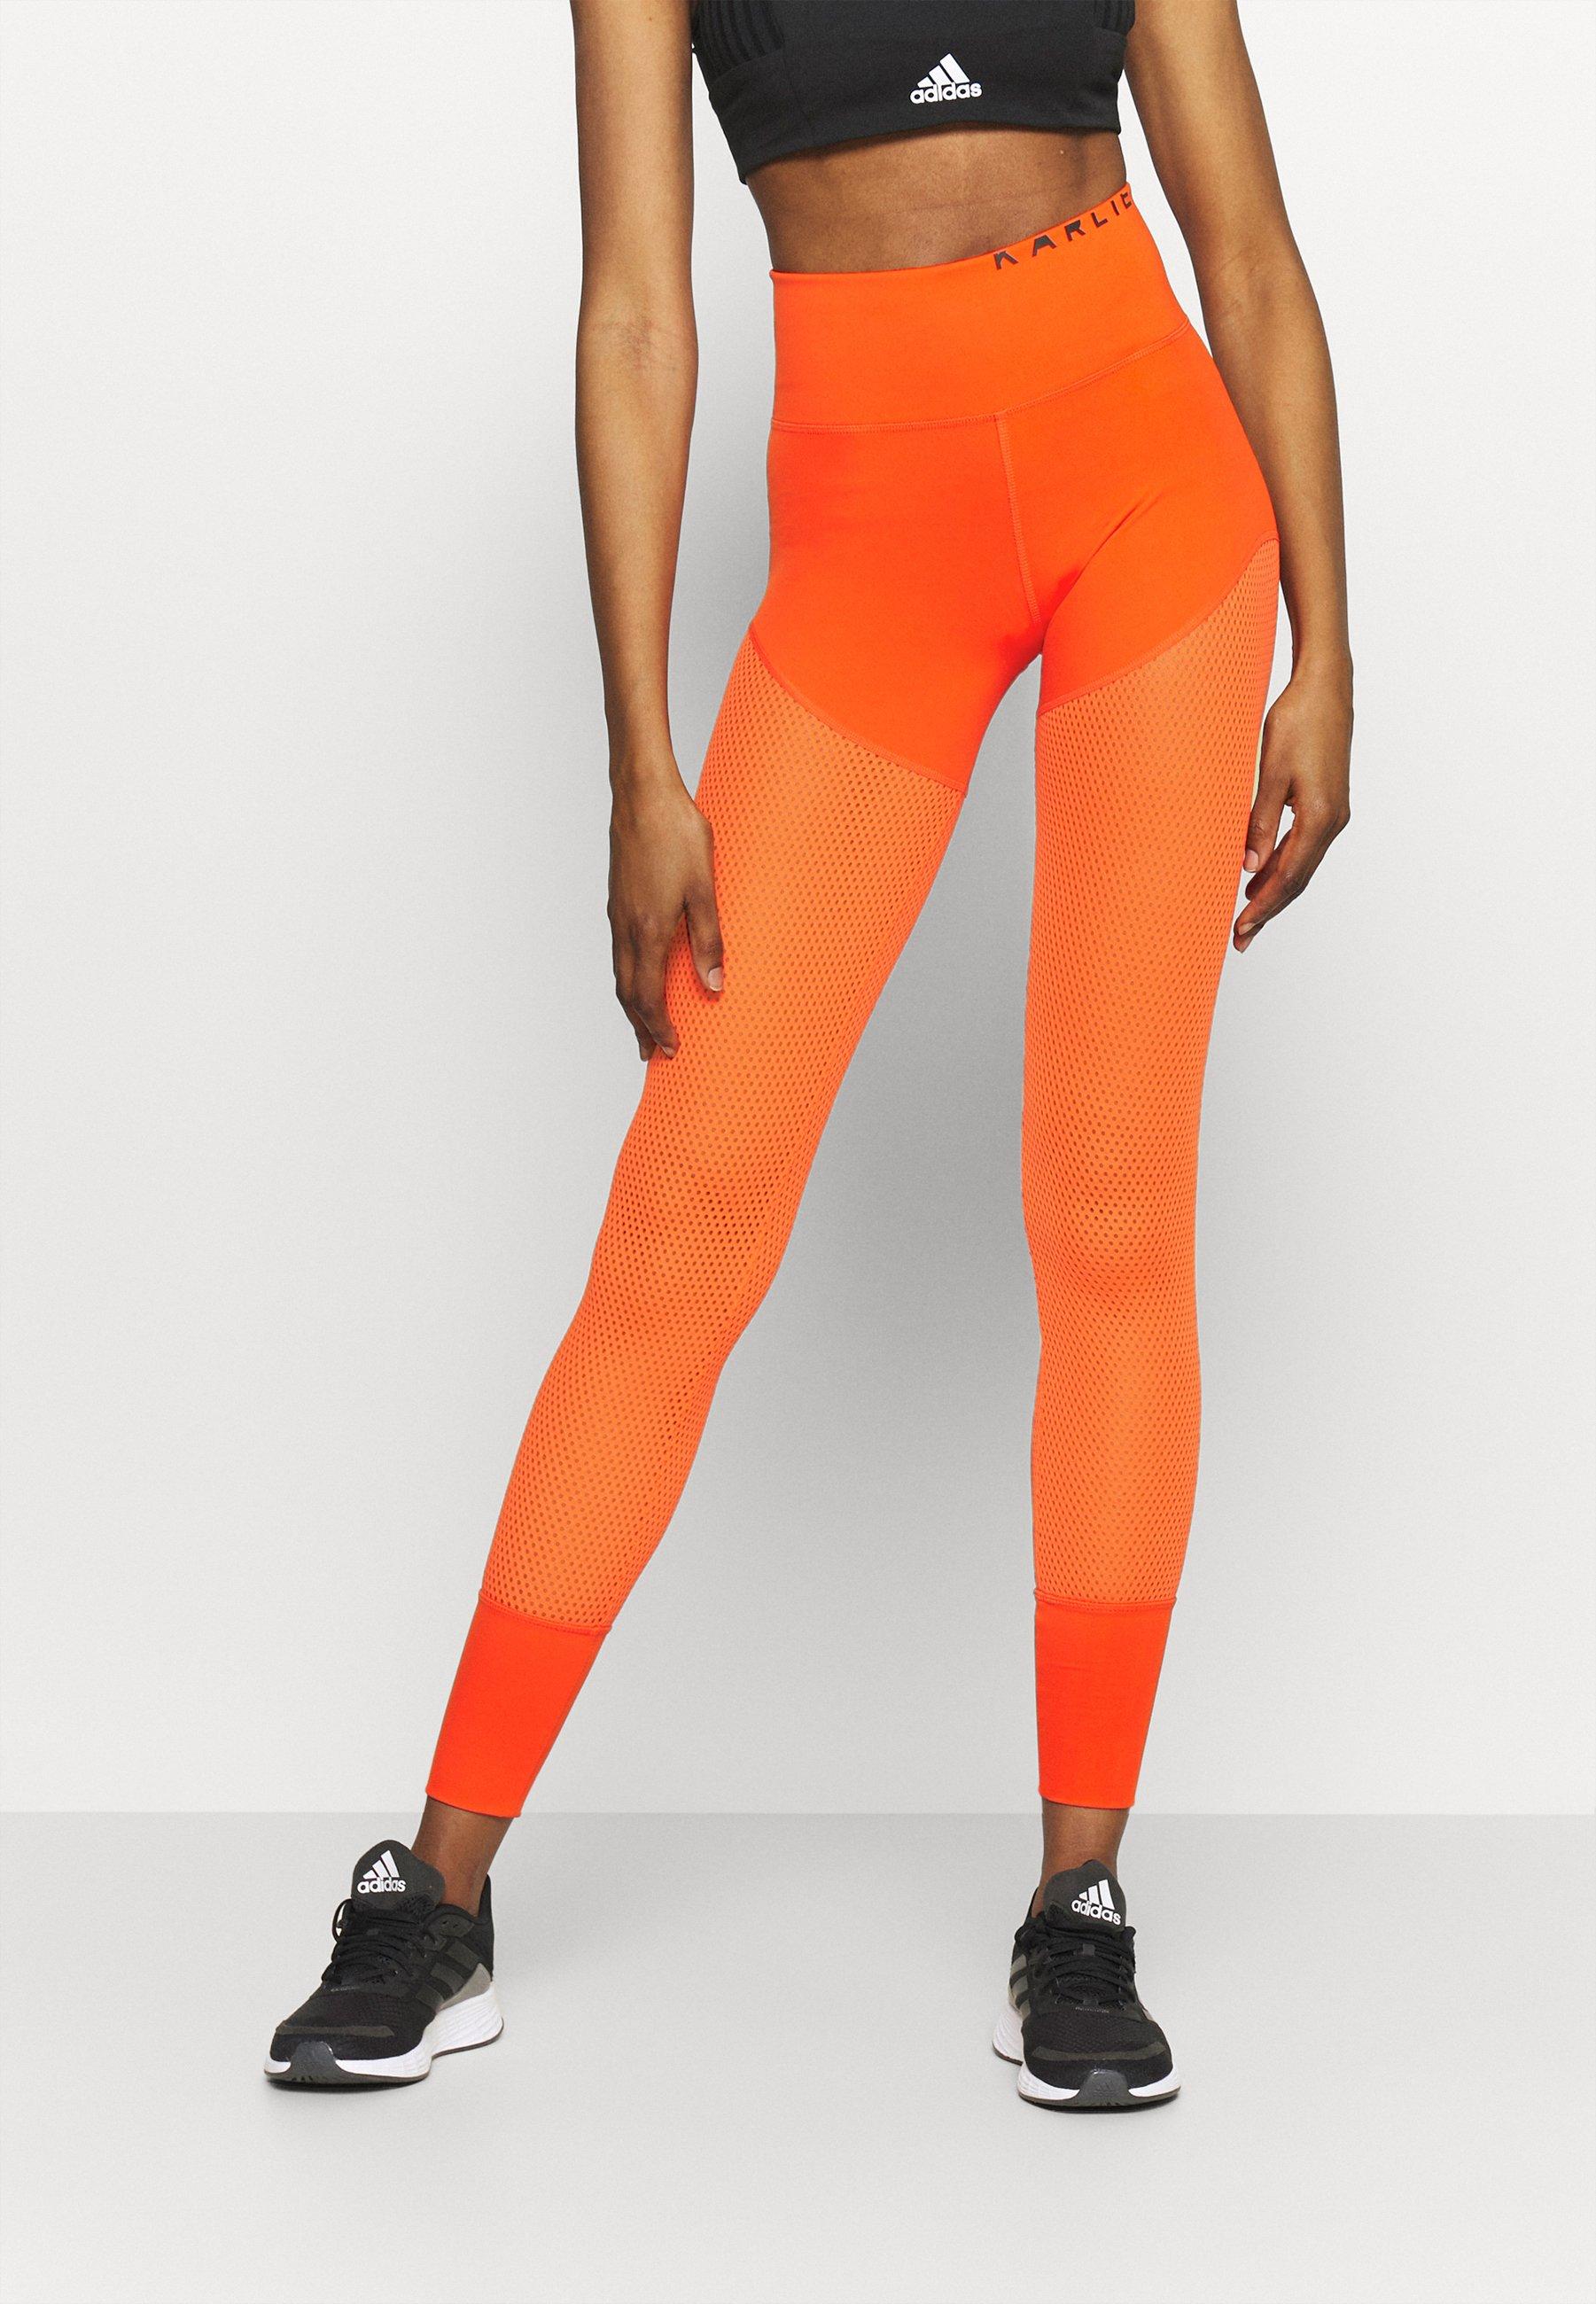 Femme KARLIE KLOSS MESH HIGH-WAIST LONG LEGGINGS - Collants